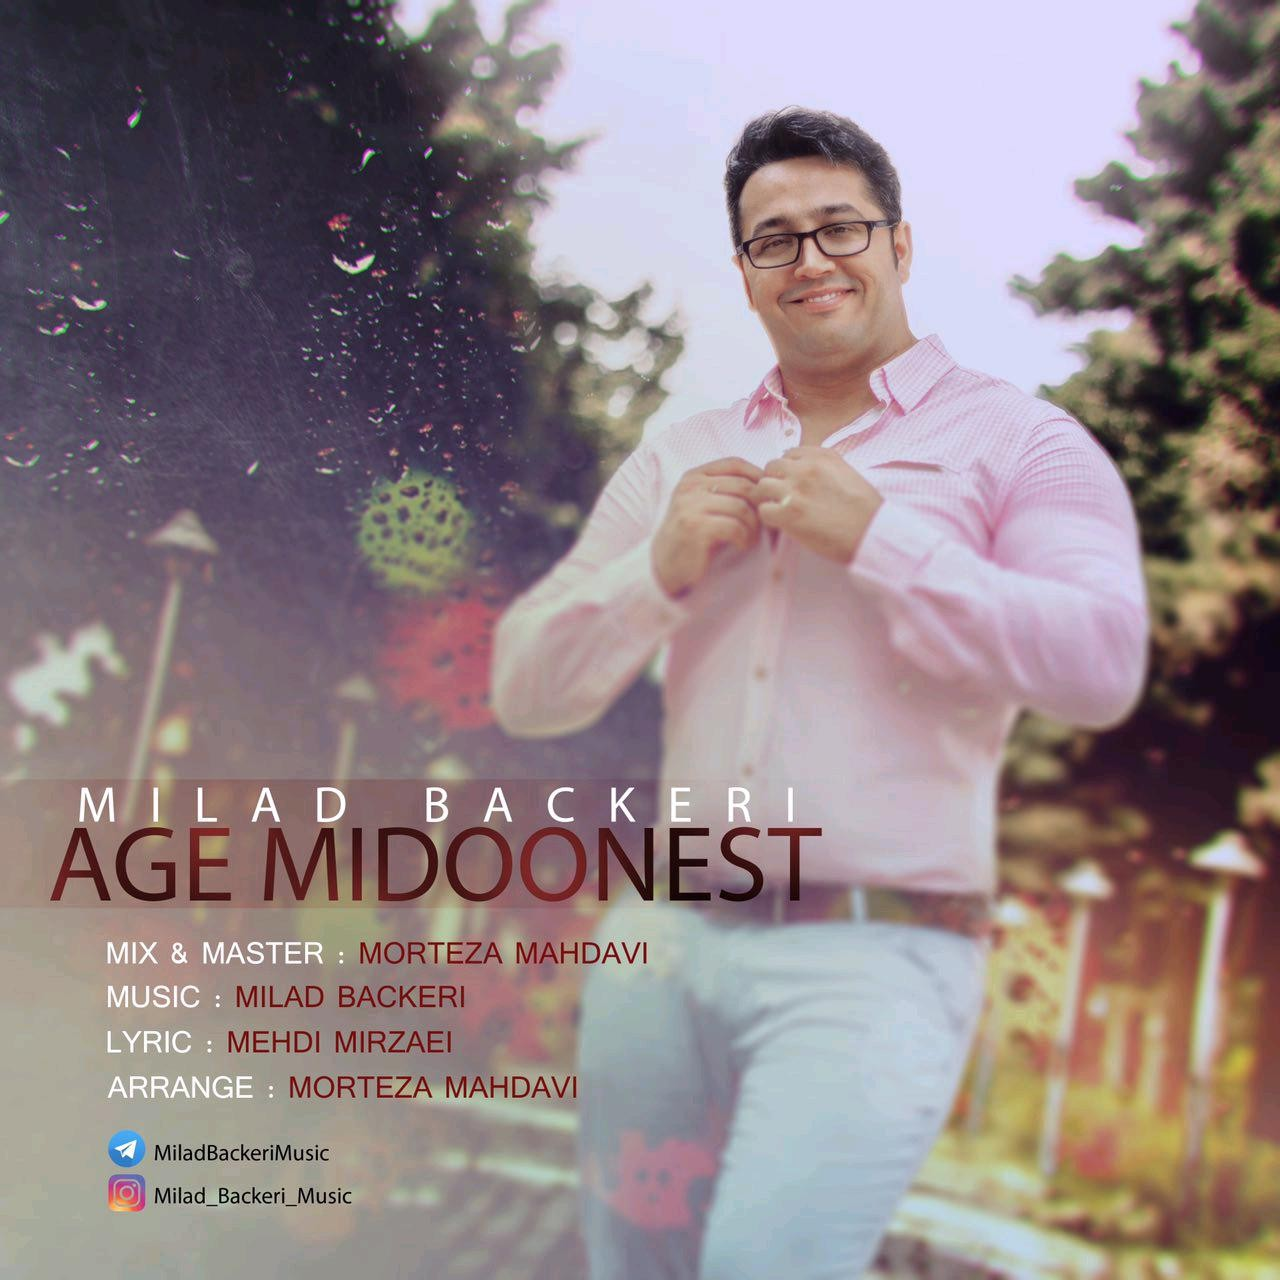 نامبر وان موزیک | دانلود آهنگ جدید Milad-Backeri-Age-Midoonest